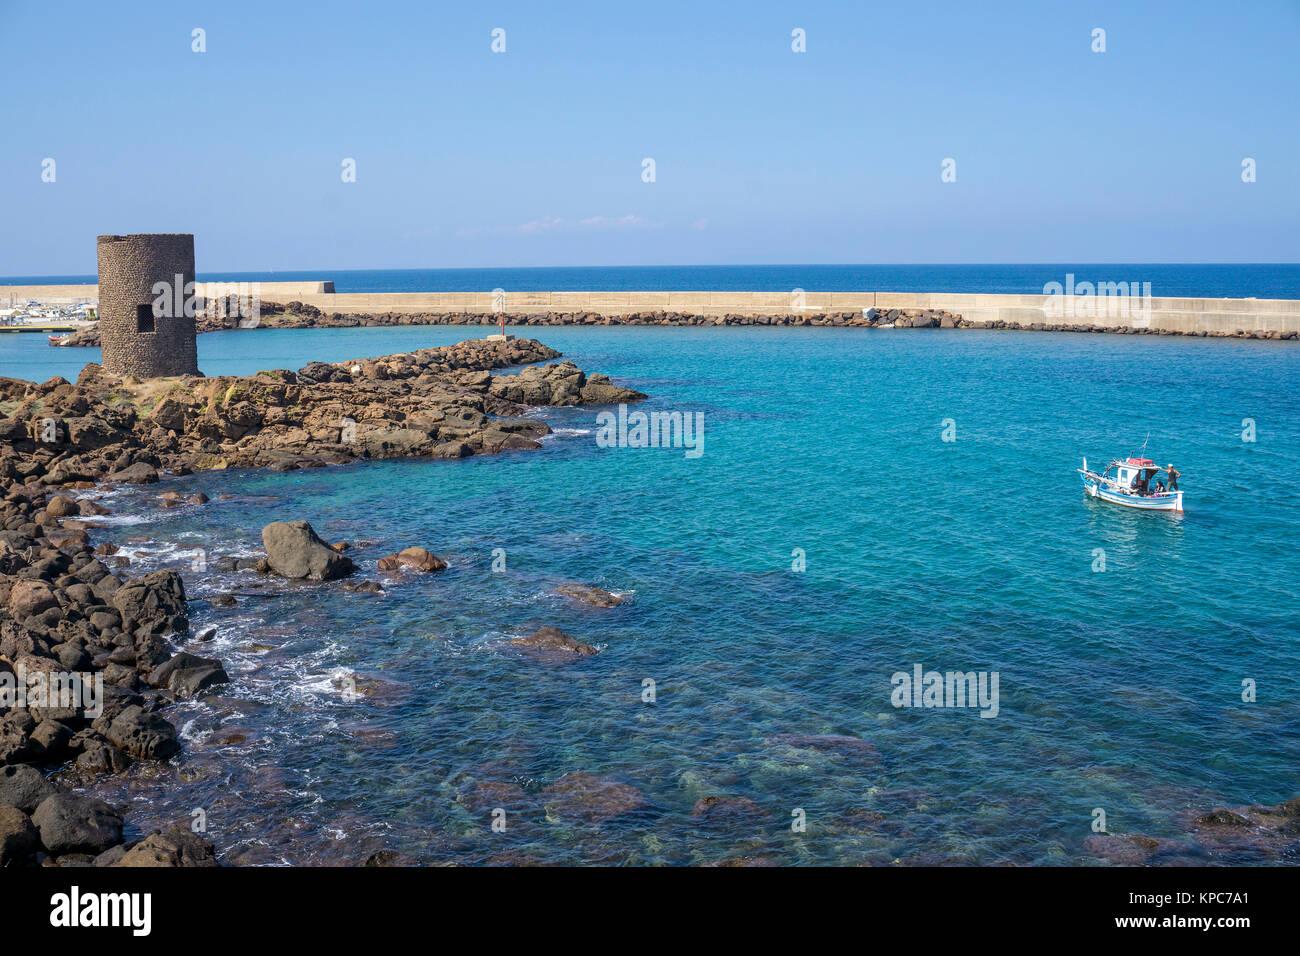 Fischerboot an der Hafeneinfahrt von Castelsardo, Sardinien, Italien, Mittelmeer, Europa Stockbild